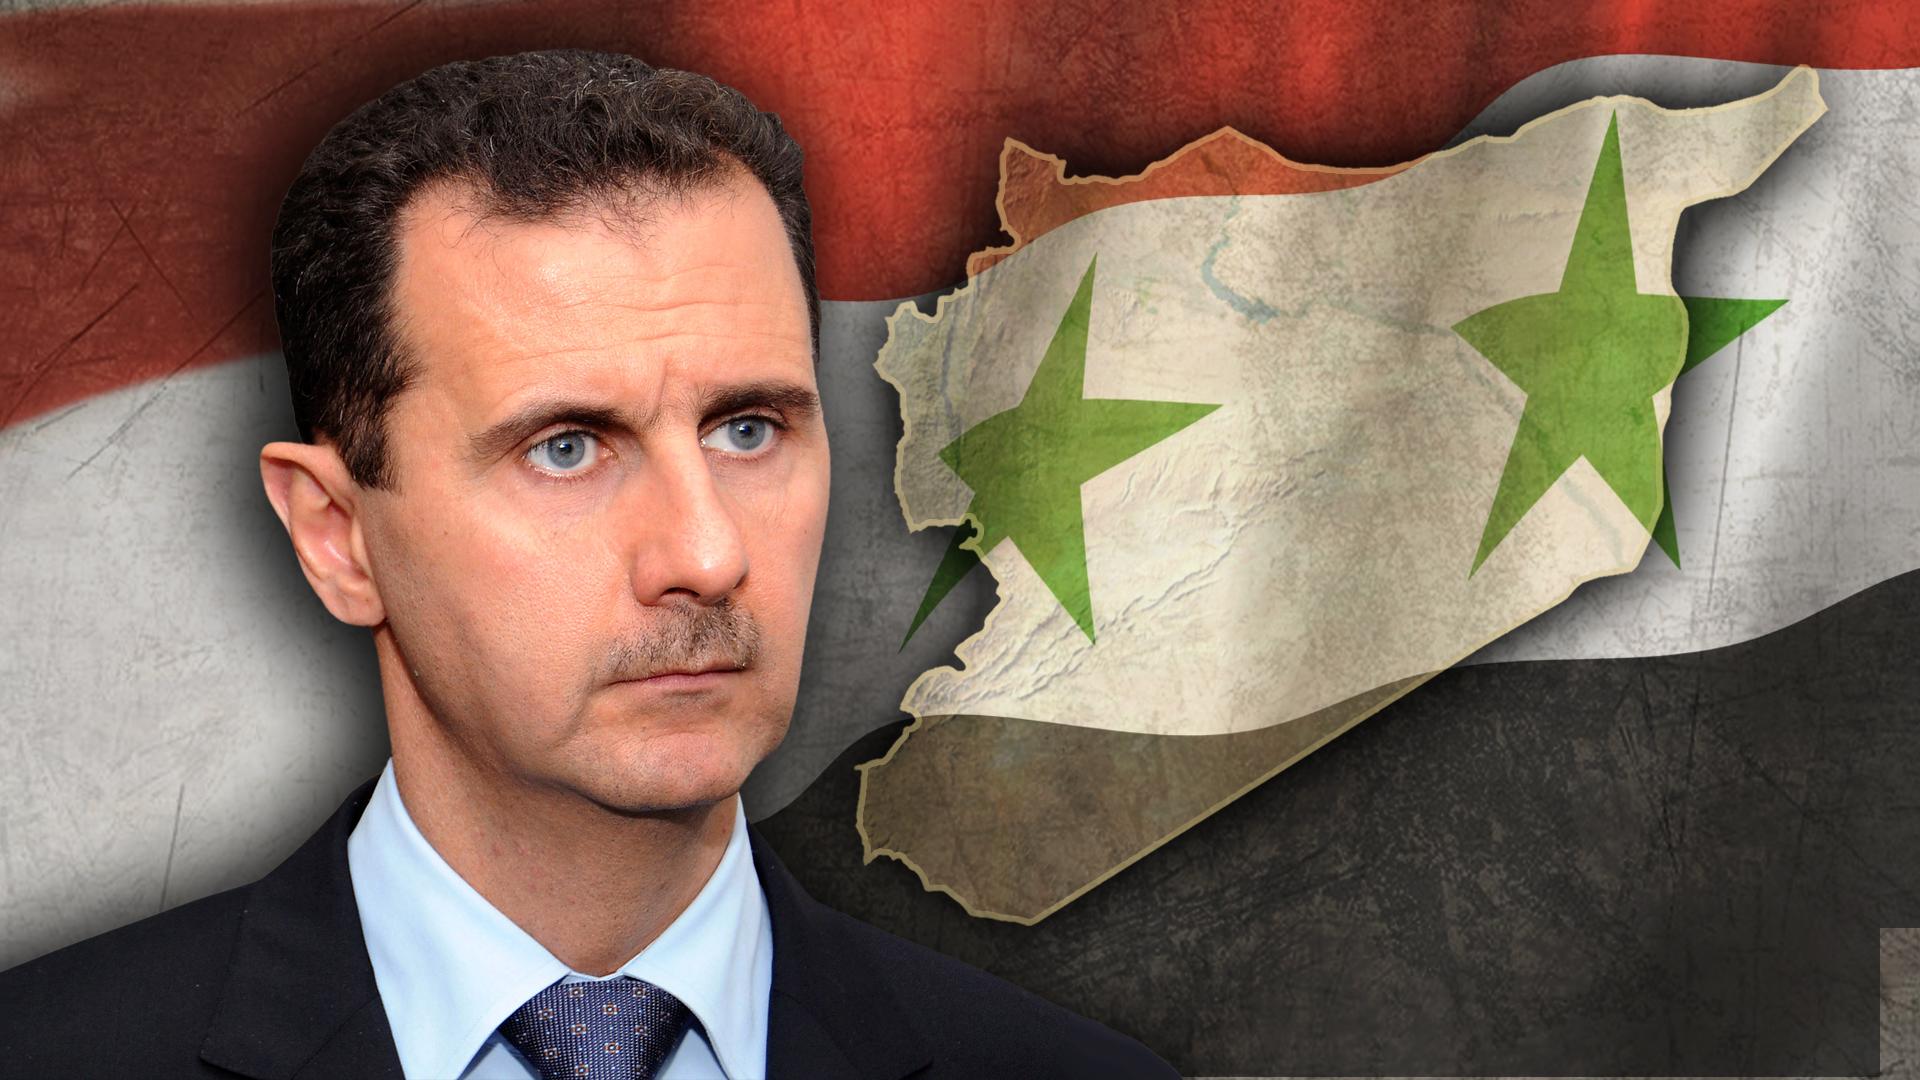 Suriye'nin yeni anayasası yabancılar tarafından hazırlanmayacak